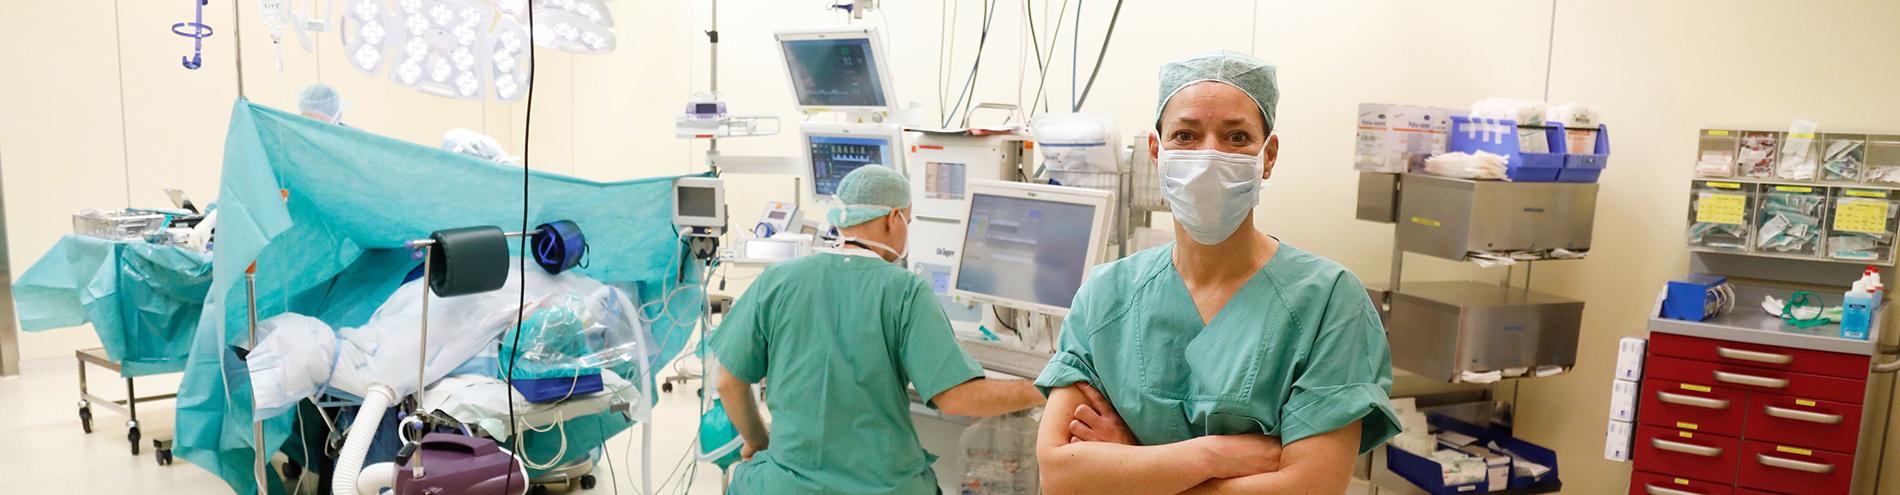 Bild passend zu Sektion Handchirurgie